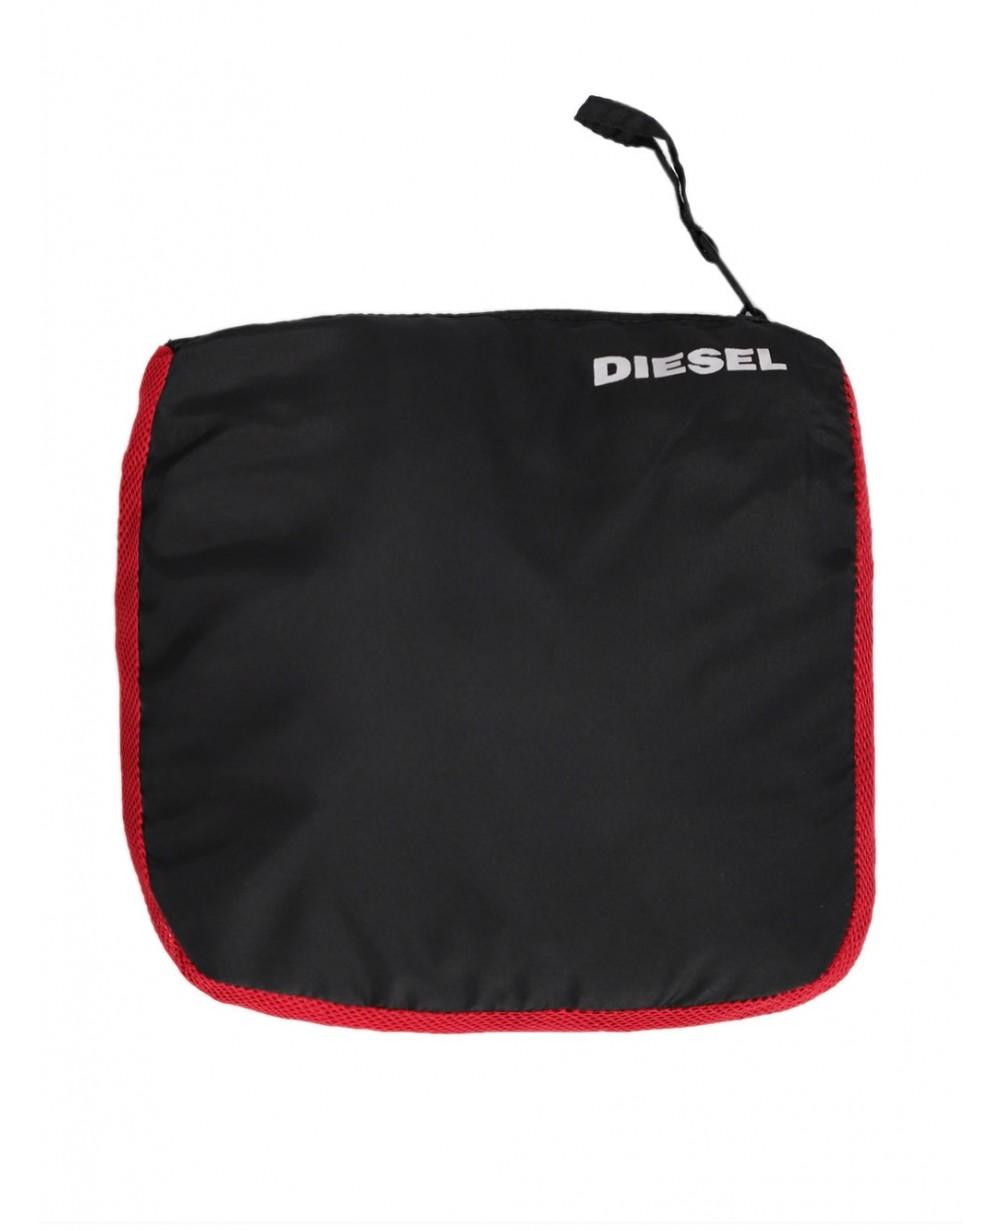 26bf1f4ff62 Περισσοτερες Οψεις. DIESEL Αντρικό Μαγιό Sandy 900 - Boxer Κοντό - Diesel  Logo - Καλοκαίρι 2019